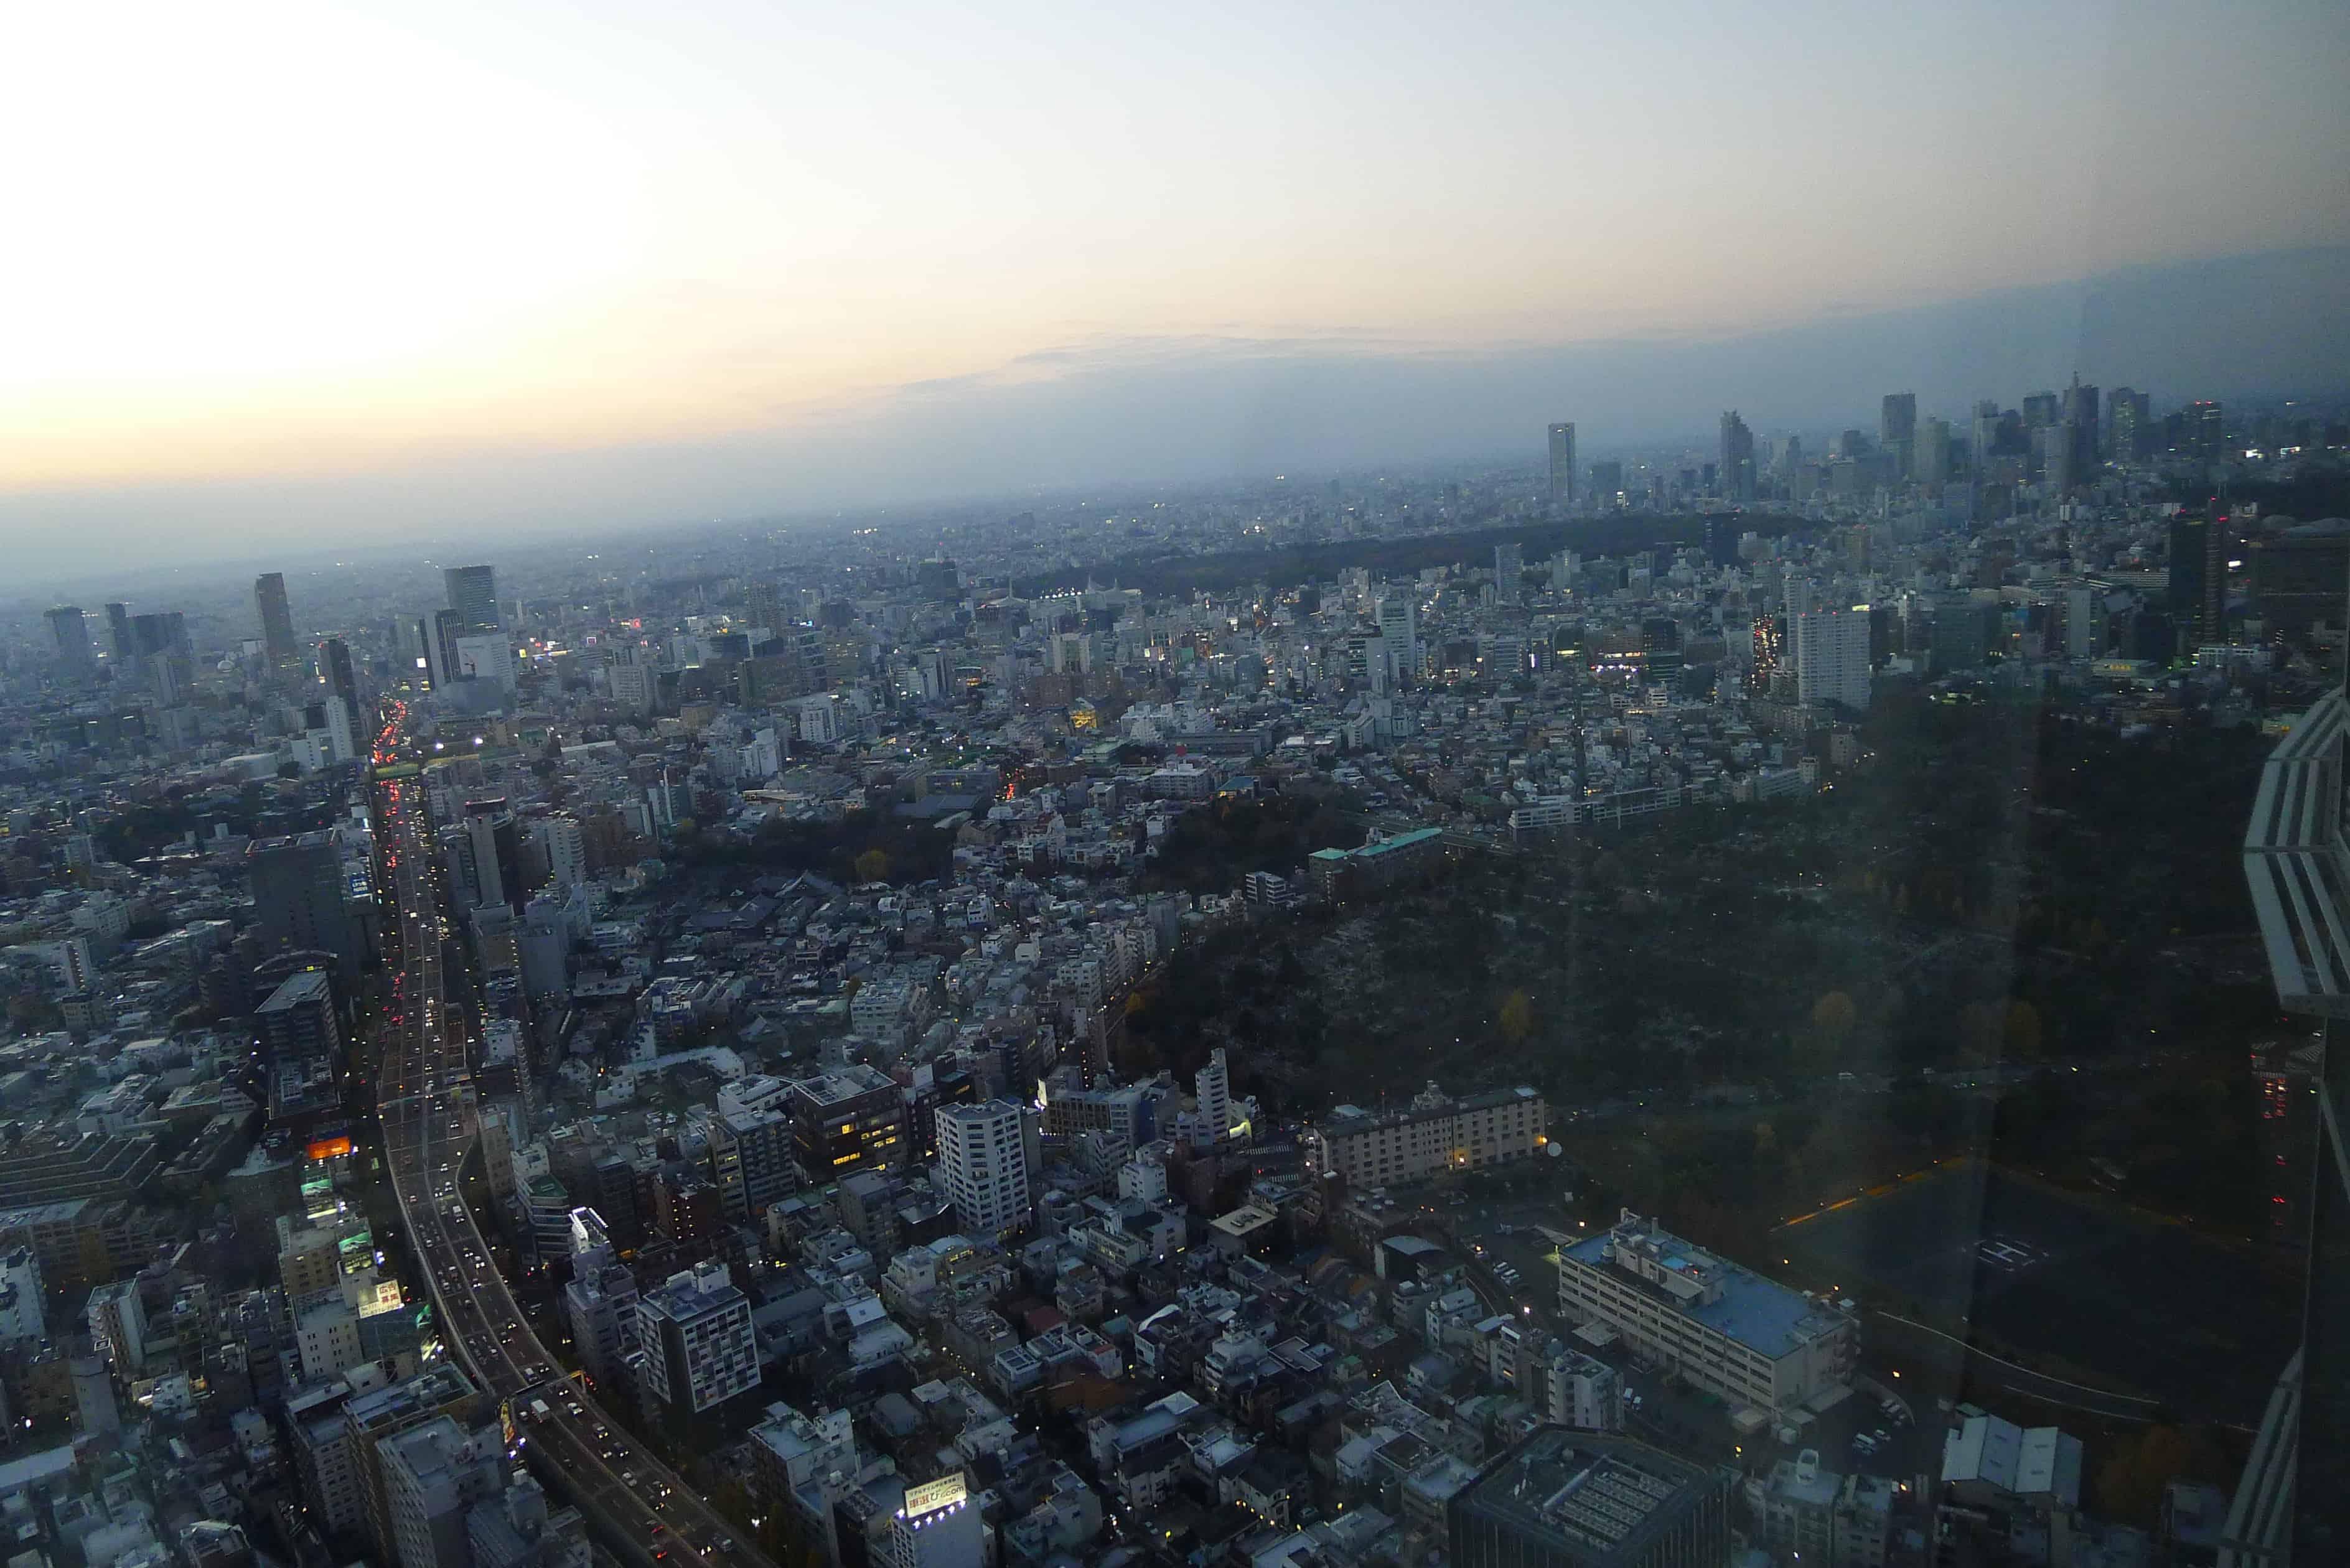 หมู่ตึกระฟ้าย่านชินจูกุ